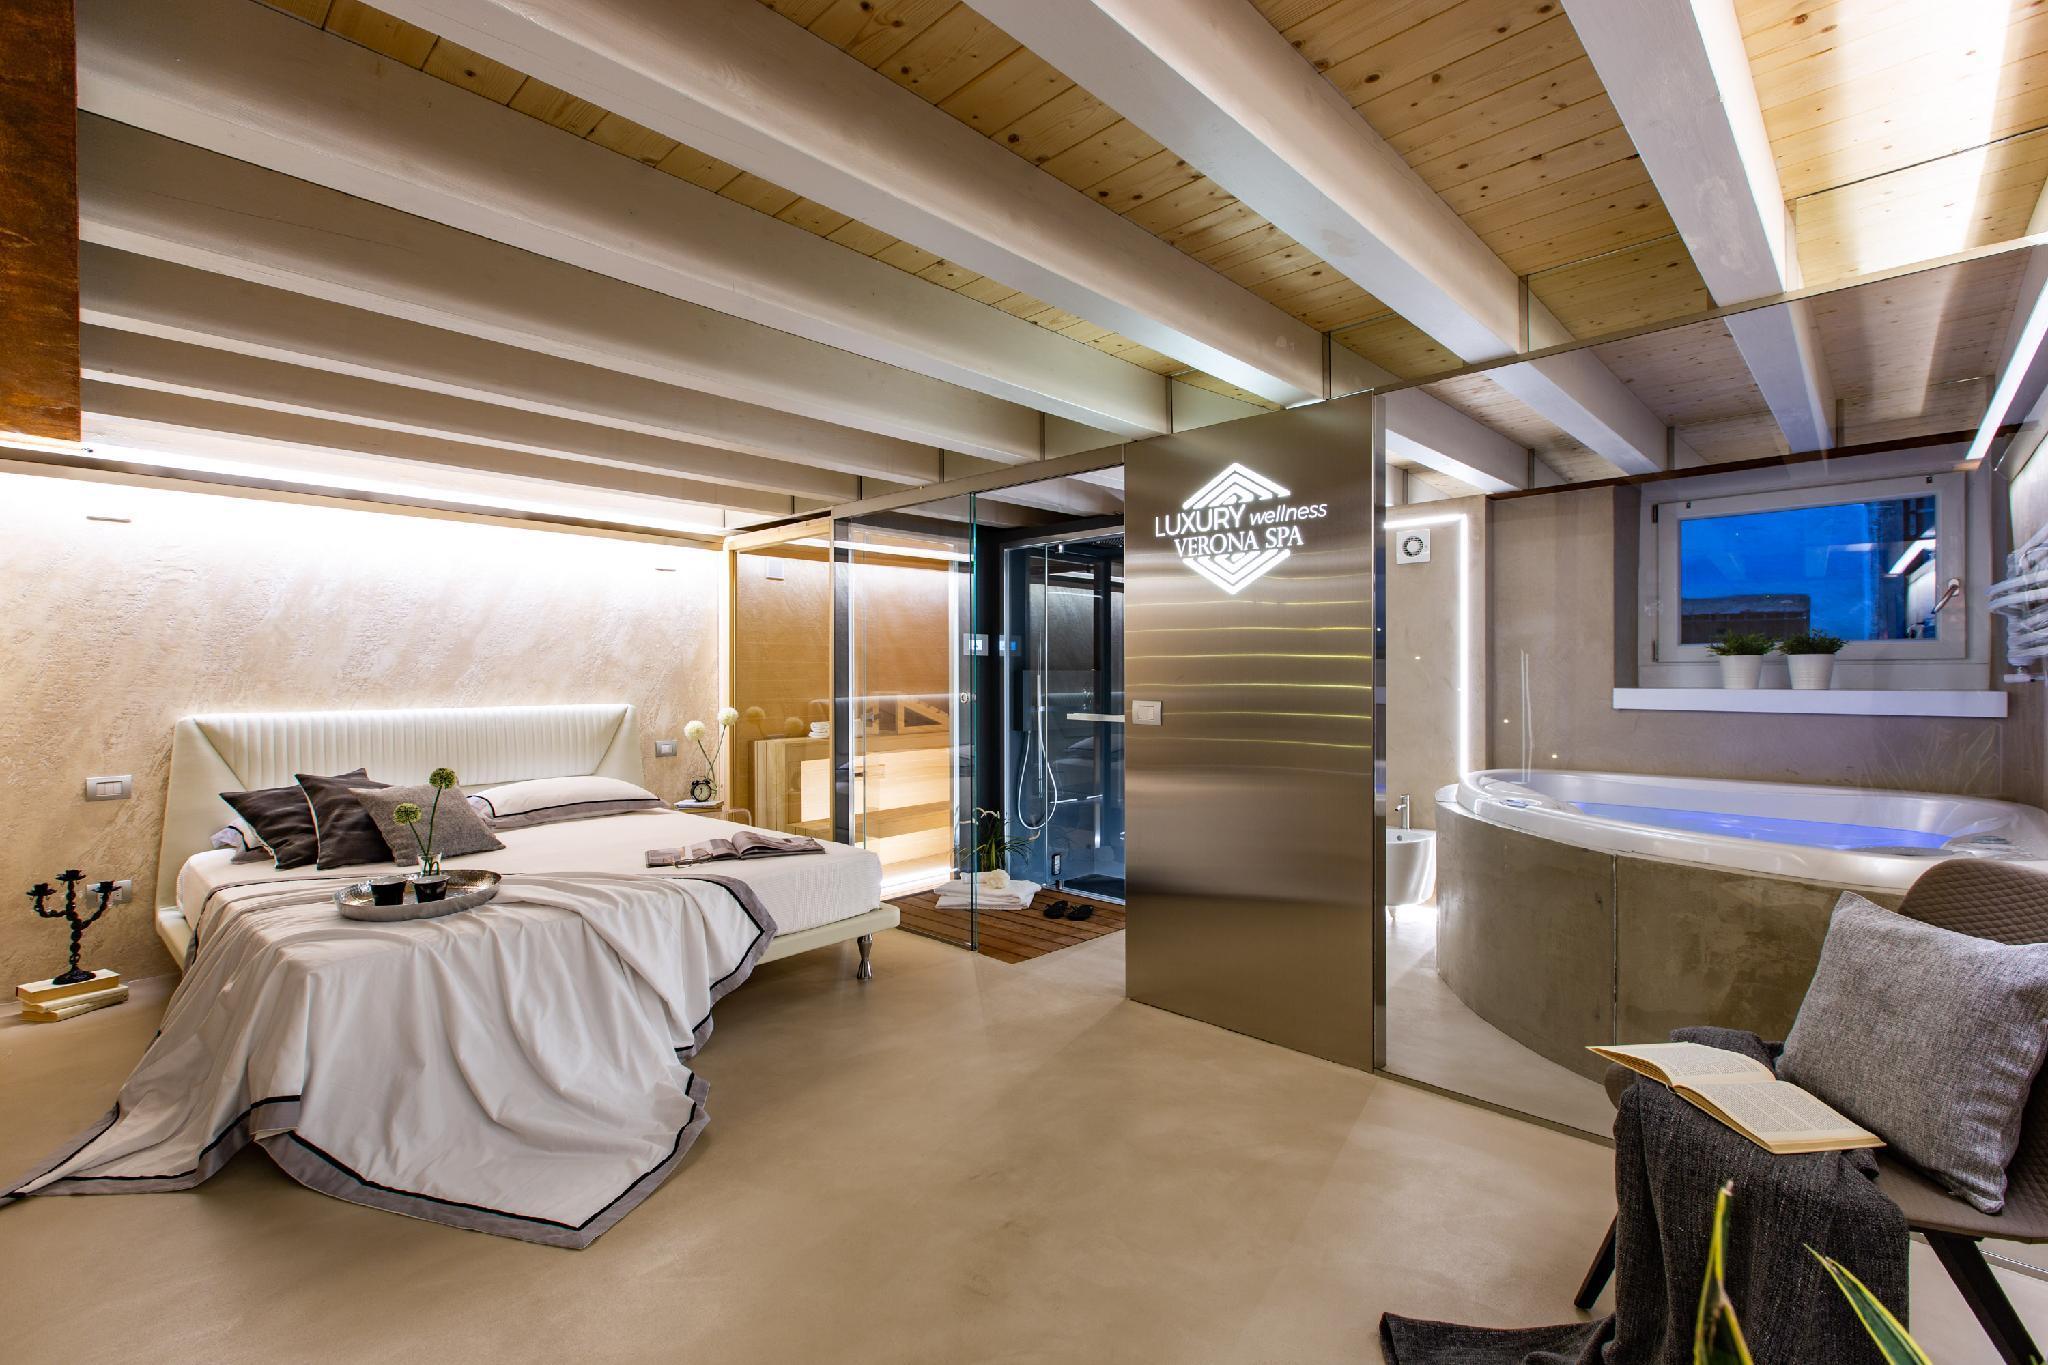 Luxury Wellness Verona SPA